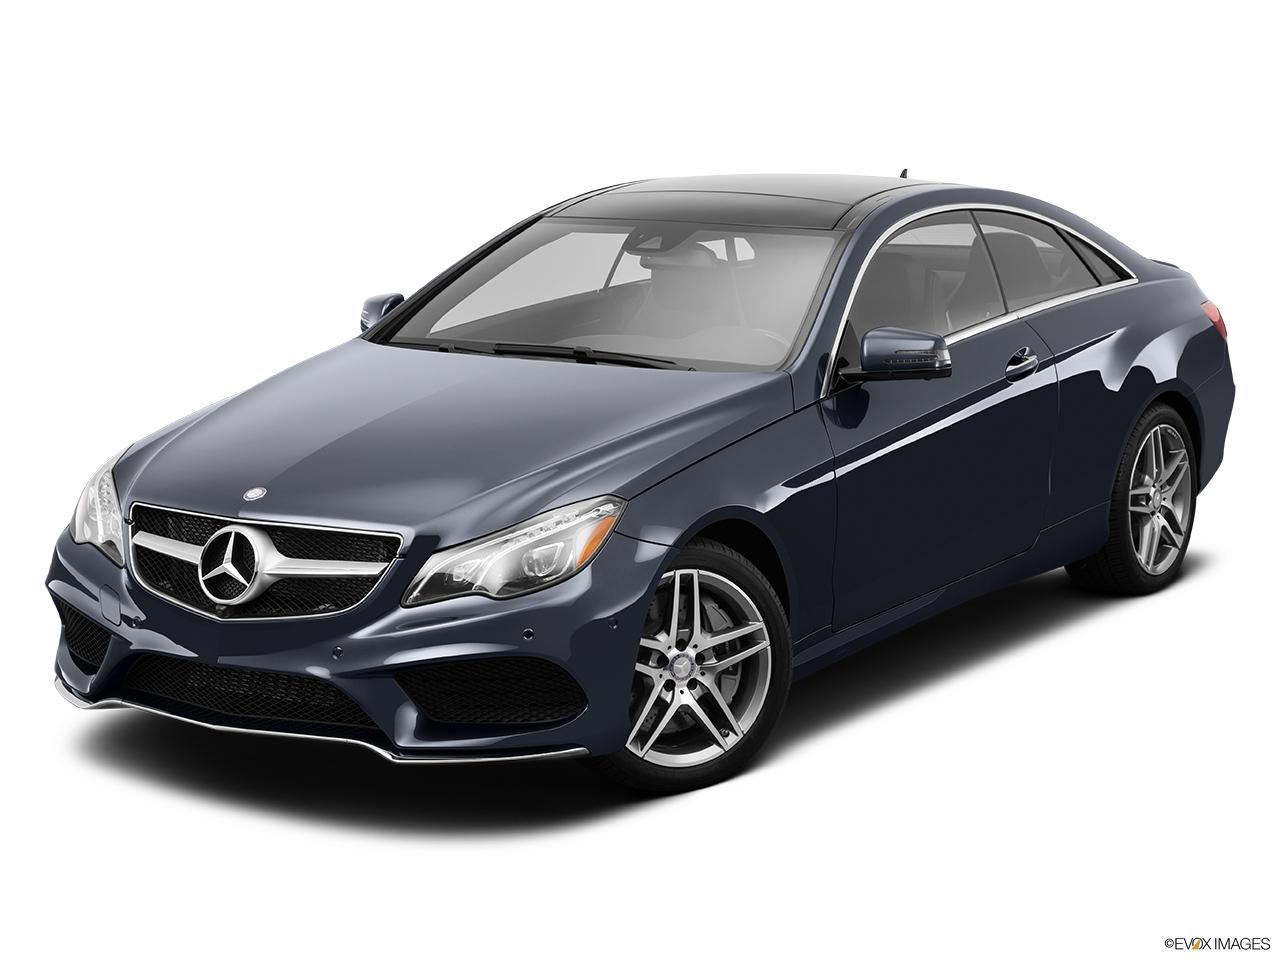 2014 mercedes benz e class coupe e550 rwd for 2014 mercedes benz e550 coupe